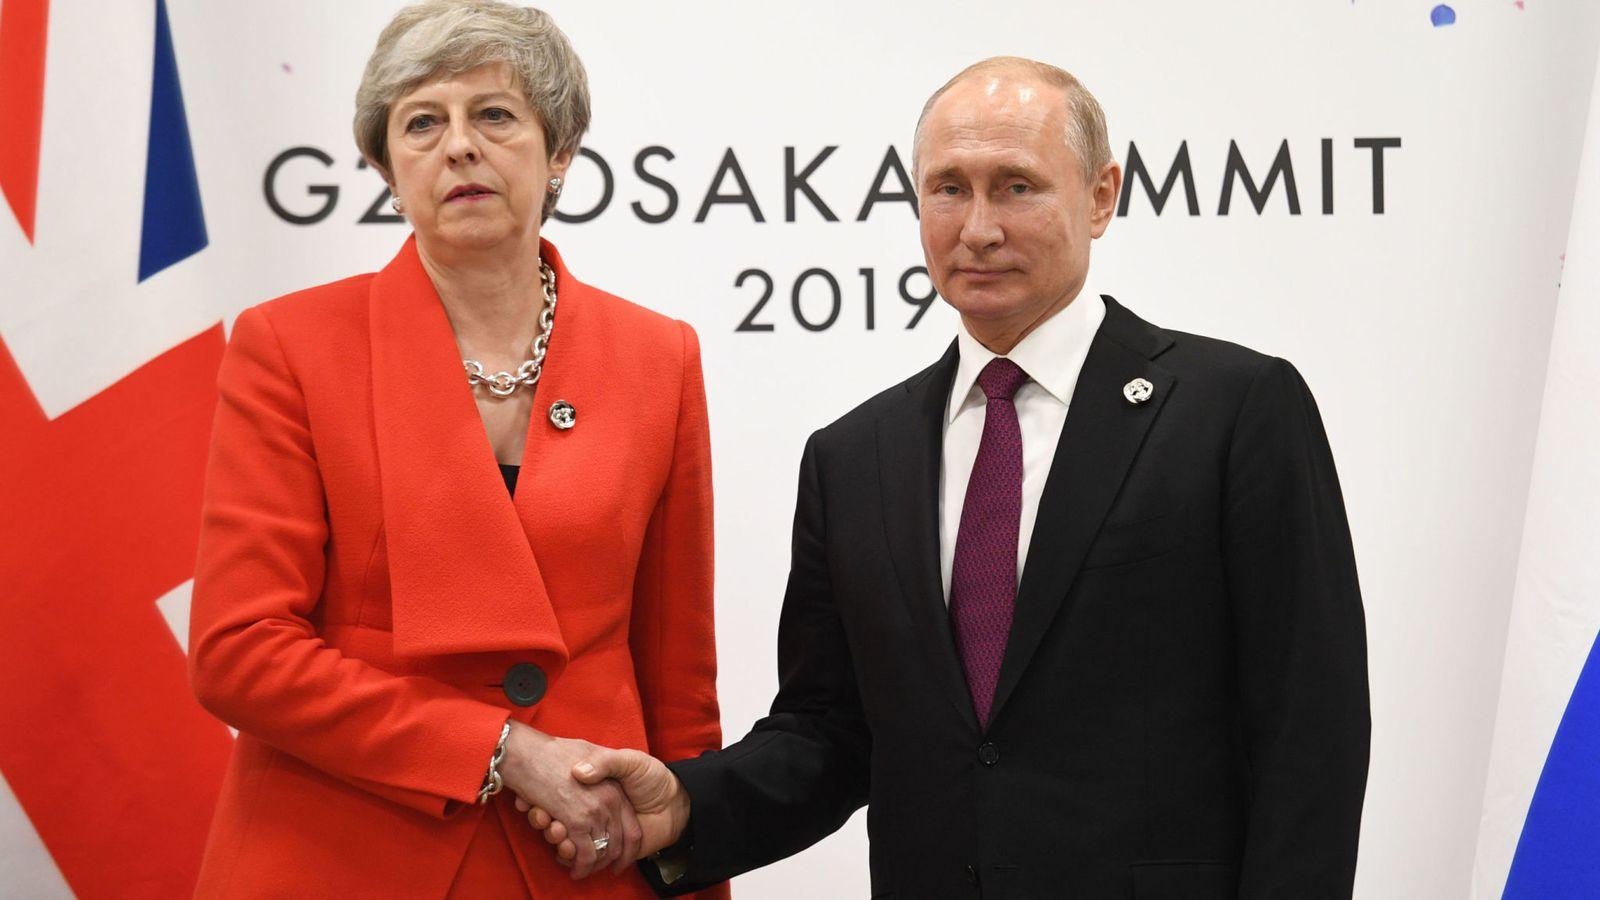 Последняя встреча Терезы Мэй с Путиным была холодной